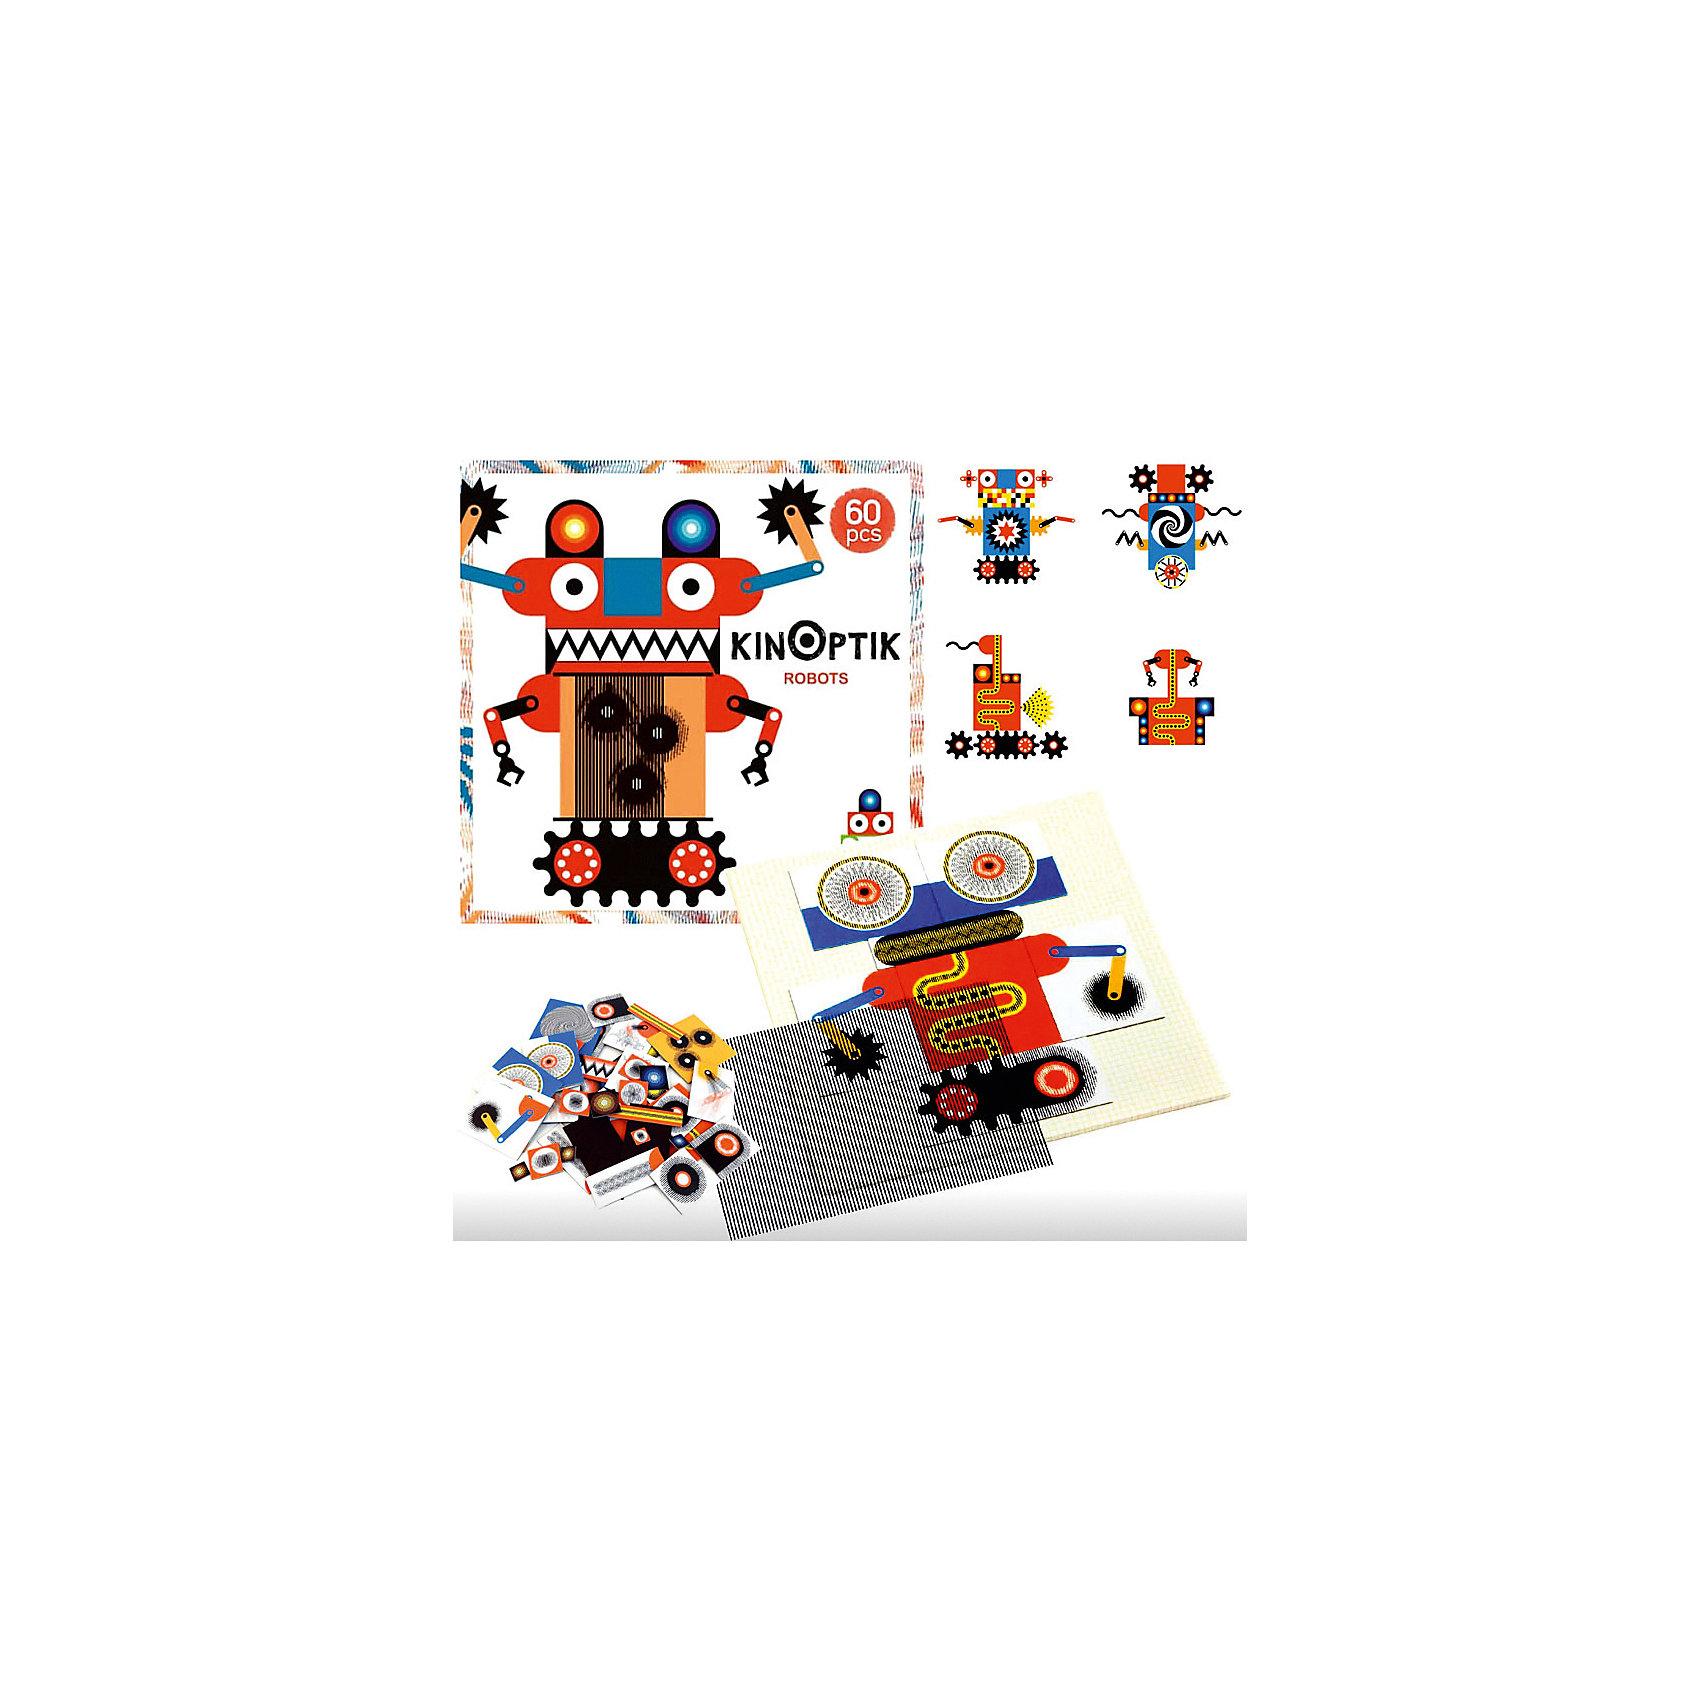 Пазл-аниматор Робот, DJECO<br>Пазл-аниматор Робот, DJECO (Джеко).<br><br>Характеристика:<br><br>• Материал: картон, магнит, пластик.   <br>• Размер упаковки: 32 х 32 х 5 см.<br>• Размер картинки: 30 х 30 см.<br>• Комплектация: магнитный лист-основа, 2 оптик-листа, 60 частей пазла, инструкция с примерами.<br>• Отдельные детали пазла двигаются. <br>• Развивает моторику рук, внимание и фантазию.<br>• Оригинальный красочный дизайн.<br>• Рекомендован для детей от 5 лет. <br><br>Пазлы-аниматоры Киноптик от французского бренда Джеко приведут в восторг любого ребенка! С этим чудесным набором дети смогут создать забавных роботов, а затем оживить их! Нужно лишь собрать из деталей картинку, приложить к ней специальный прозрачный лист и провести по нему рукой: веселые роботы оживут и будут двигаться!  <br>Все детали набора выполнены из высококачественных нетоксичных материалов абсолютно безопасных для детей. Игра с пазлом - увлекательное и полезное занятие, развивающее моторику рук, внимание, фантазию и умение работать по инструкции. <br><br>Пазл-аниматор Робот, DJECO (Джеко), можно купить в нашем интернет-магазине.<br><br>Ширина мм: 320<br>Глубина мм: 320<br>Высота мм: 50<br>Вес г: 1000<br>Возраст от месяцев: 60<br>Возраст до месяцев: 2147483647<br>Пол: Унисекс<br>Возраст: Детский<br>SKU: 5218935